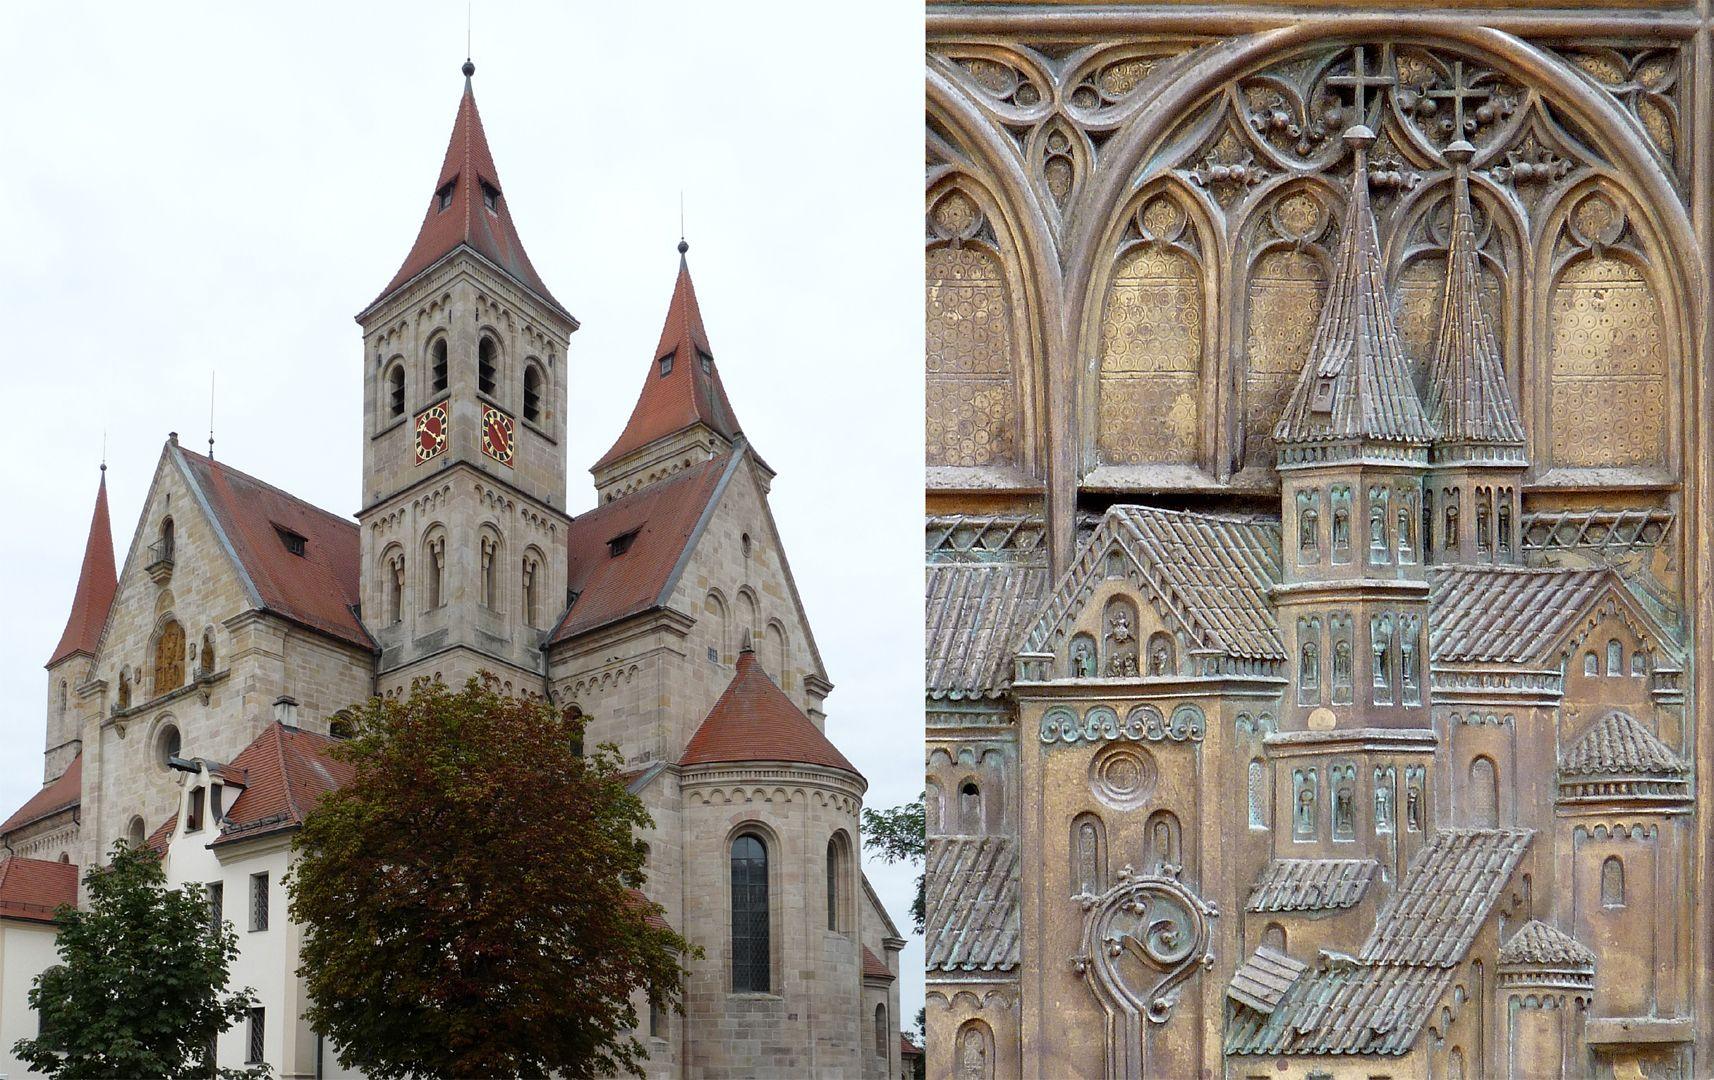 Memorial panel for Hariolf and Erlolf Bildvergleich der Basilika von Südost mit dem Kirchenmodell